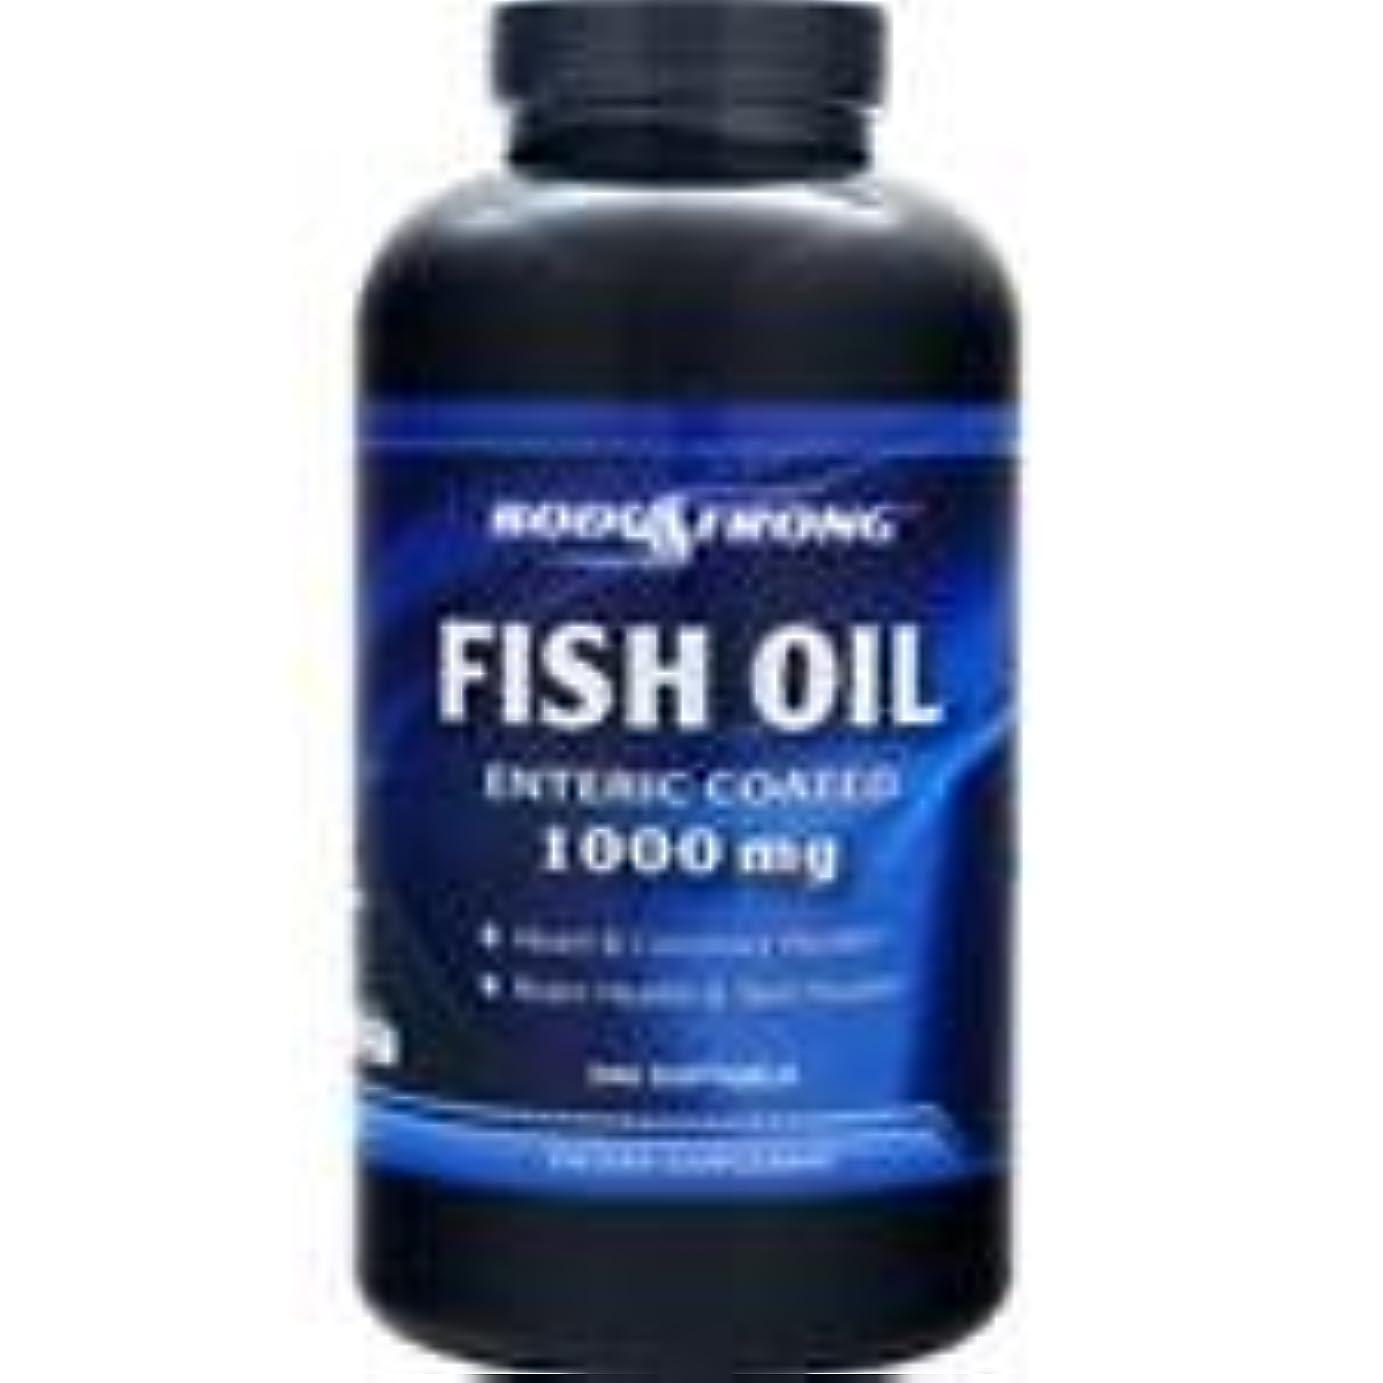 株式会社そして医療のBODYSTRONG社 フィッシュオイル (1000mg) 腸溶性コーティング 360ソフトジェルカプセル